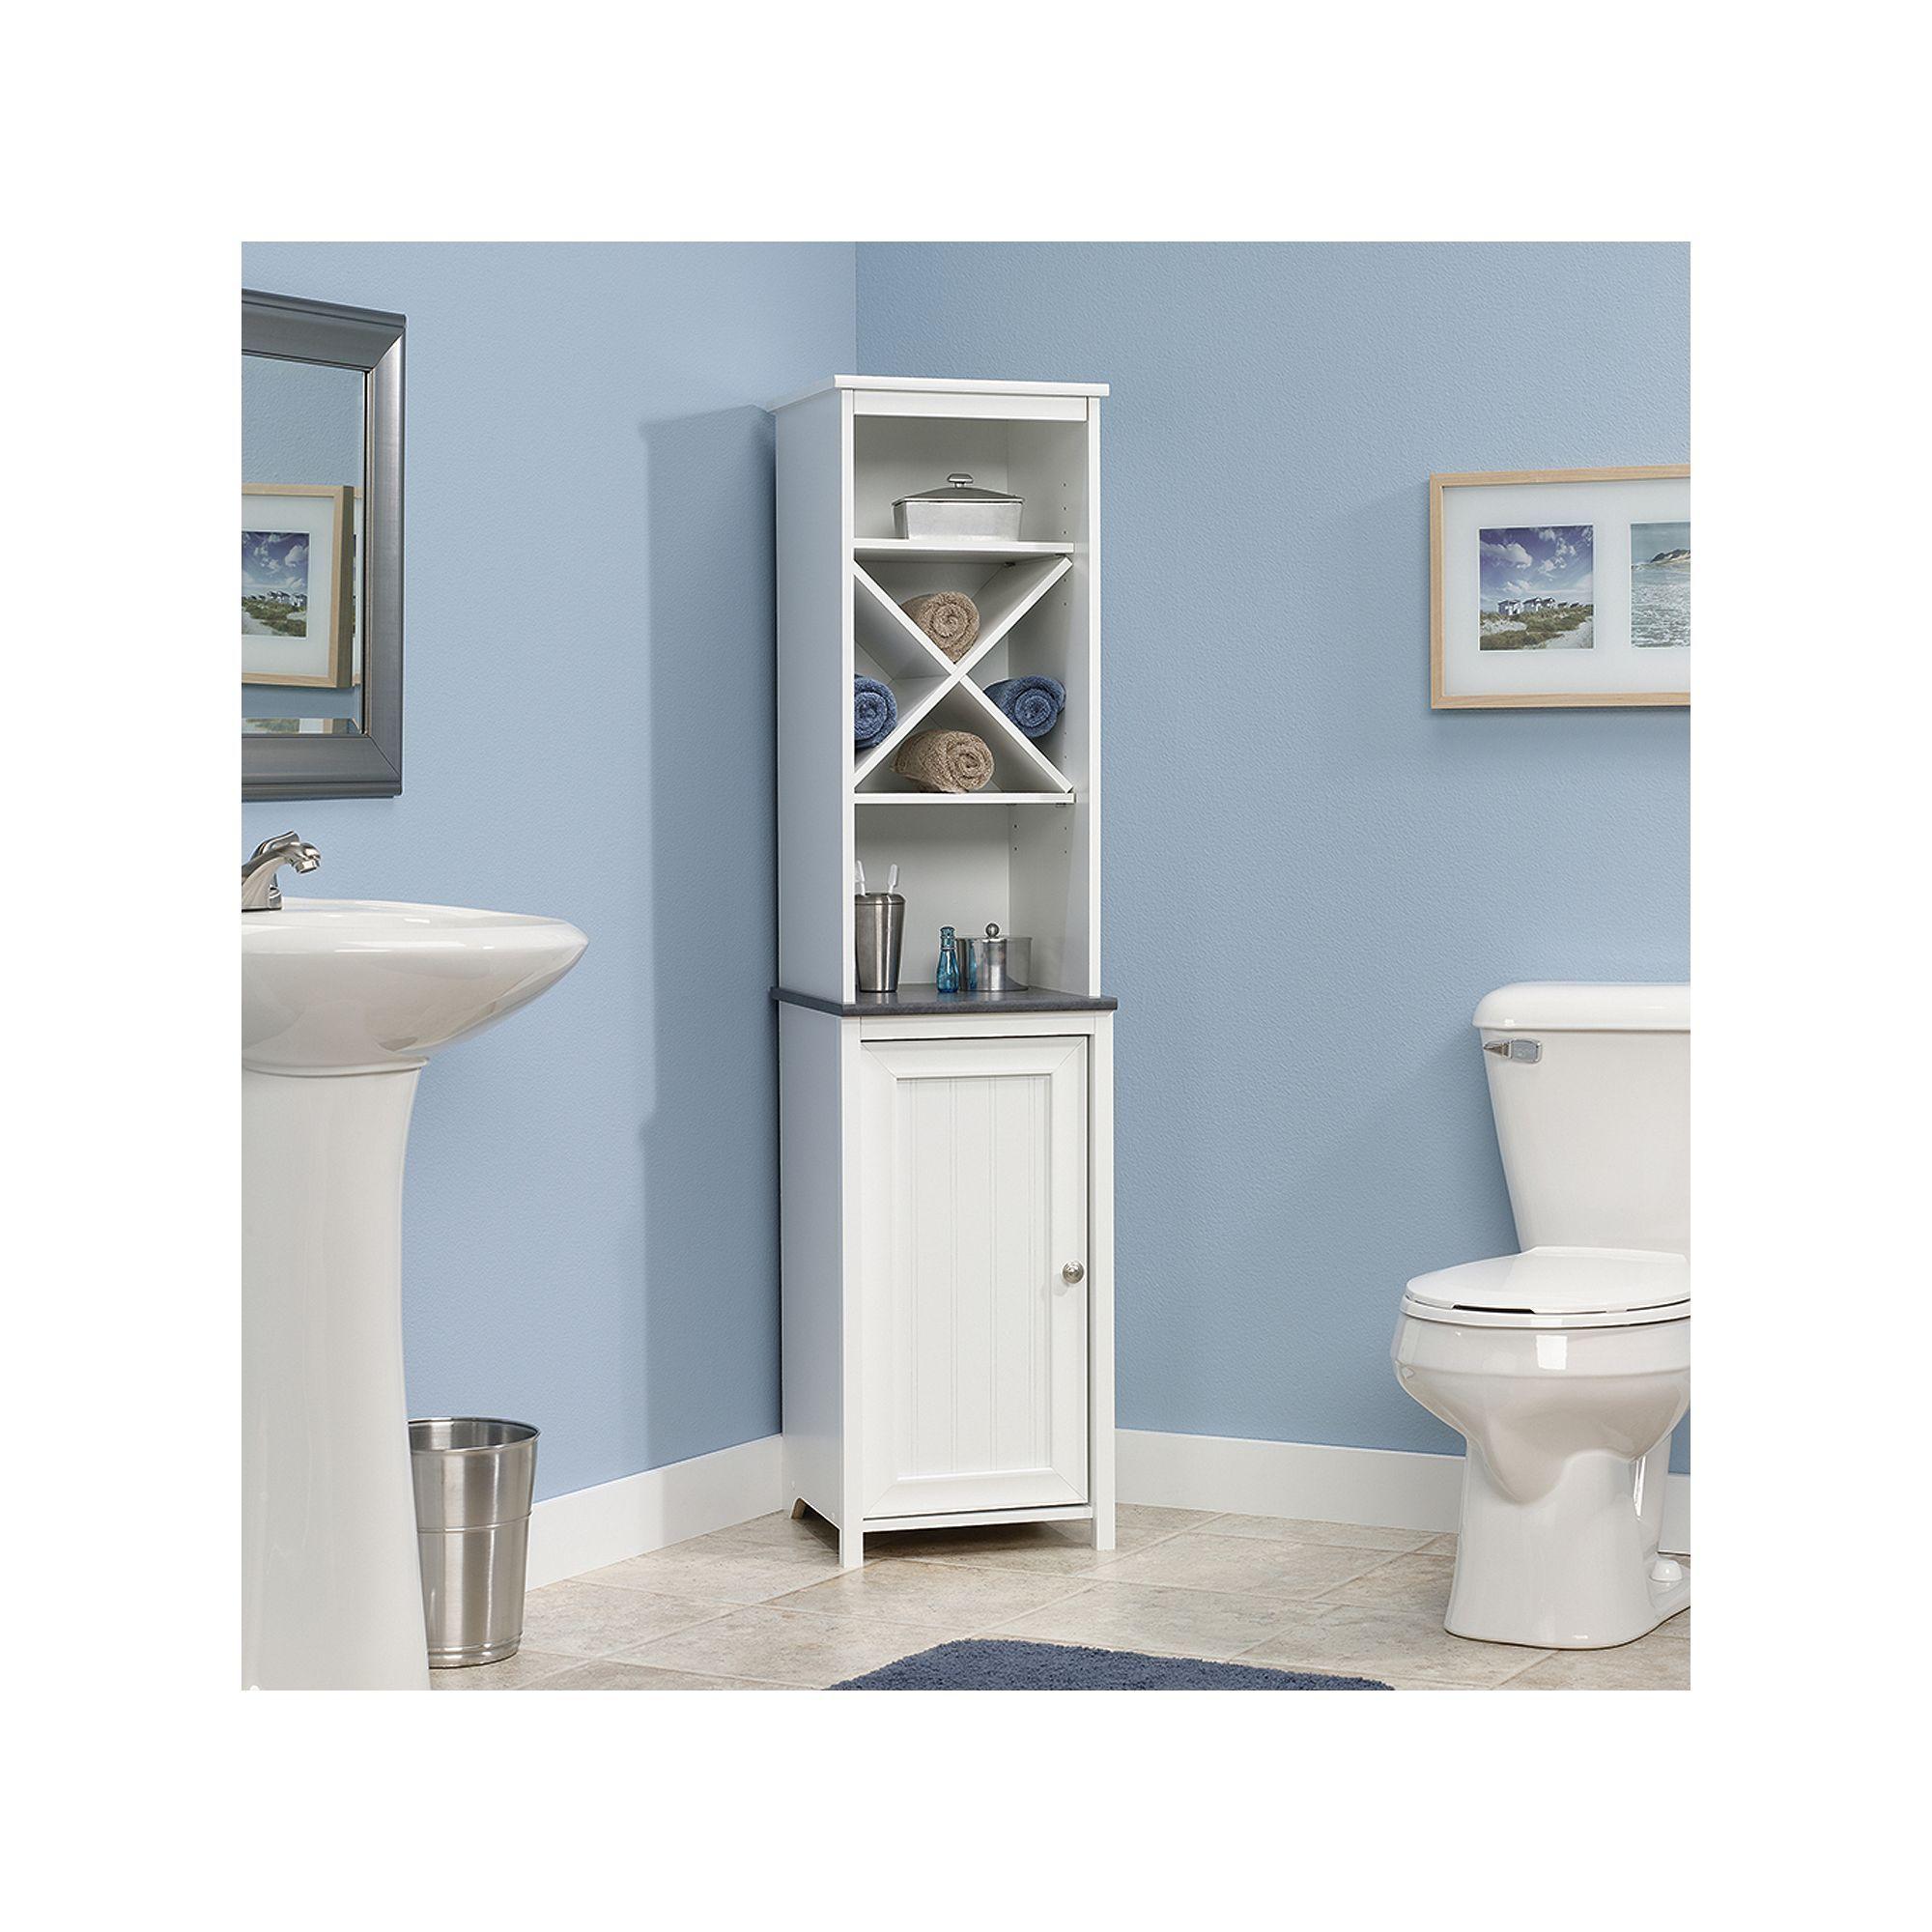 Sauder Caraway Linen Tower In 2020 Bathroom Floor Cabinets Linen Cabinet Bath Cabinets